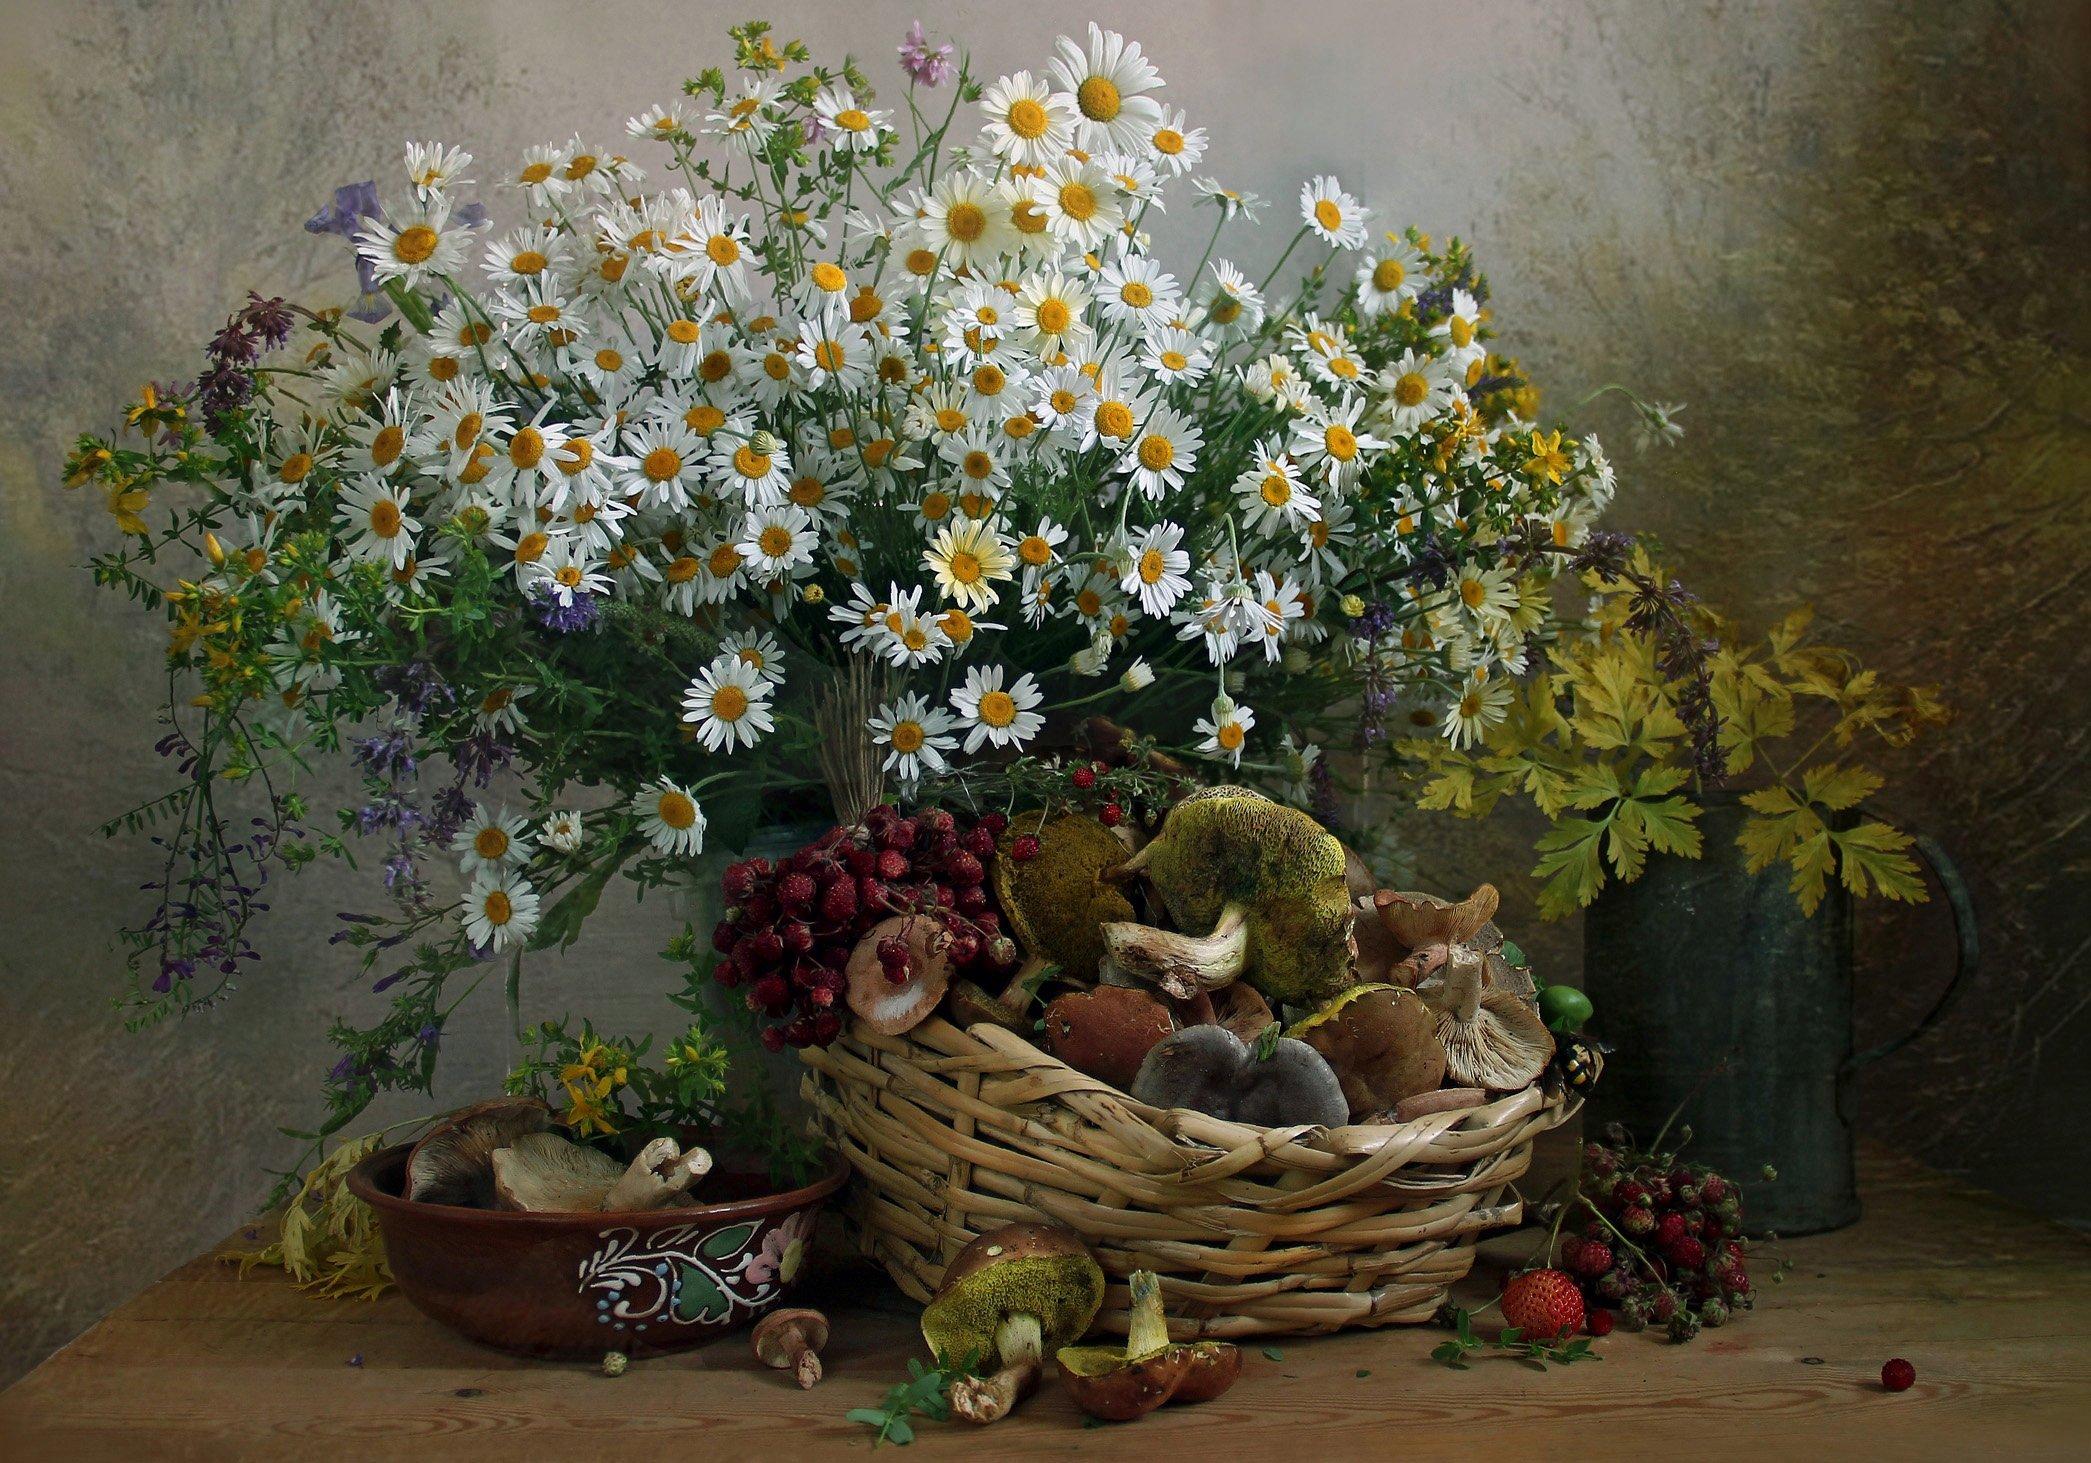 натюрморт, цветы, марина филатова, грибы, лето, грибная пора, Марина Филатова